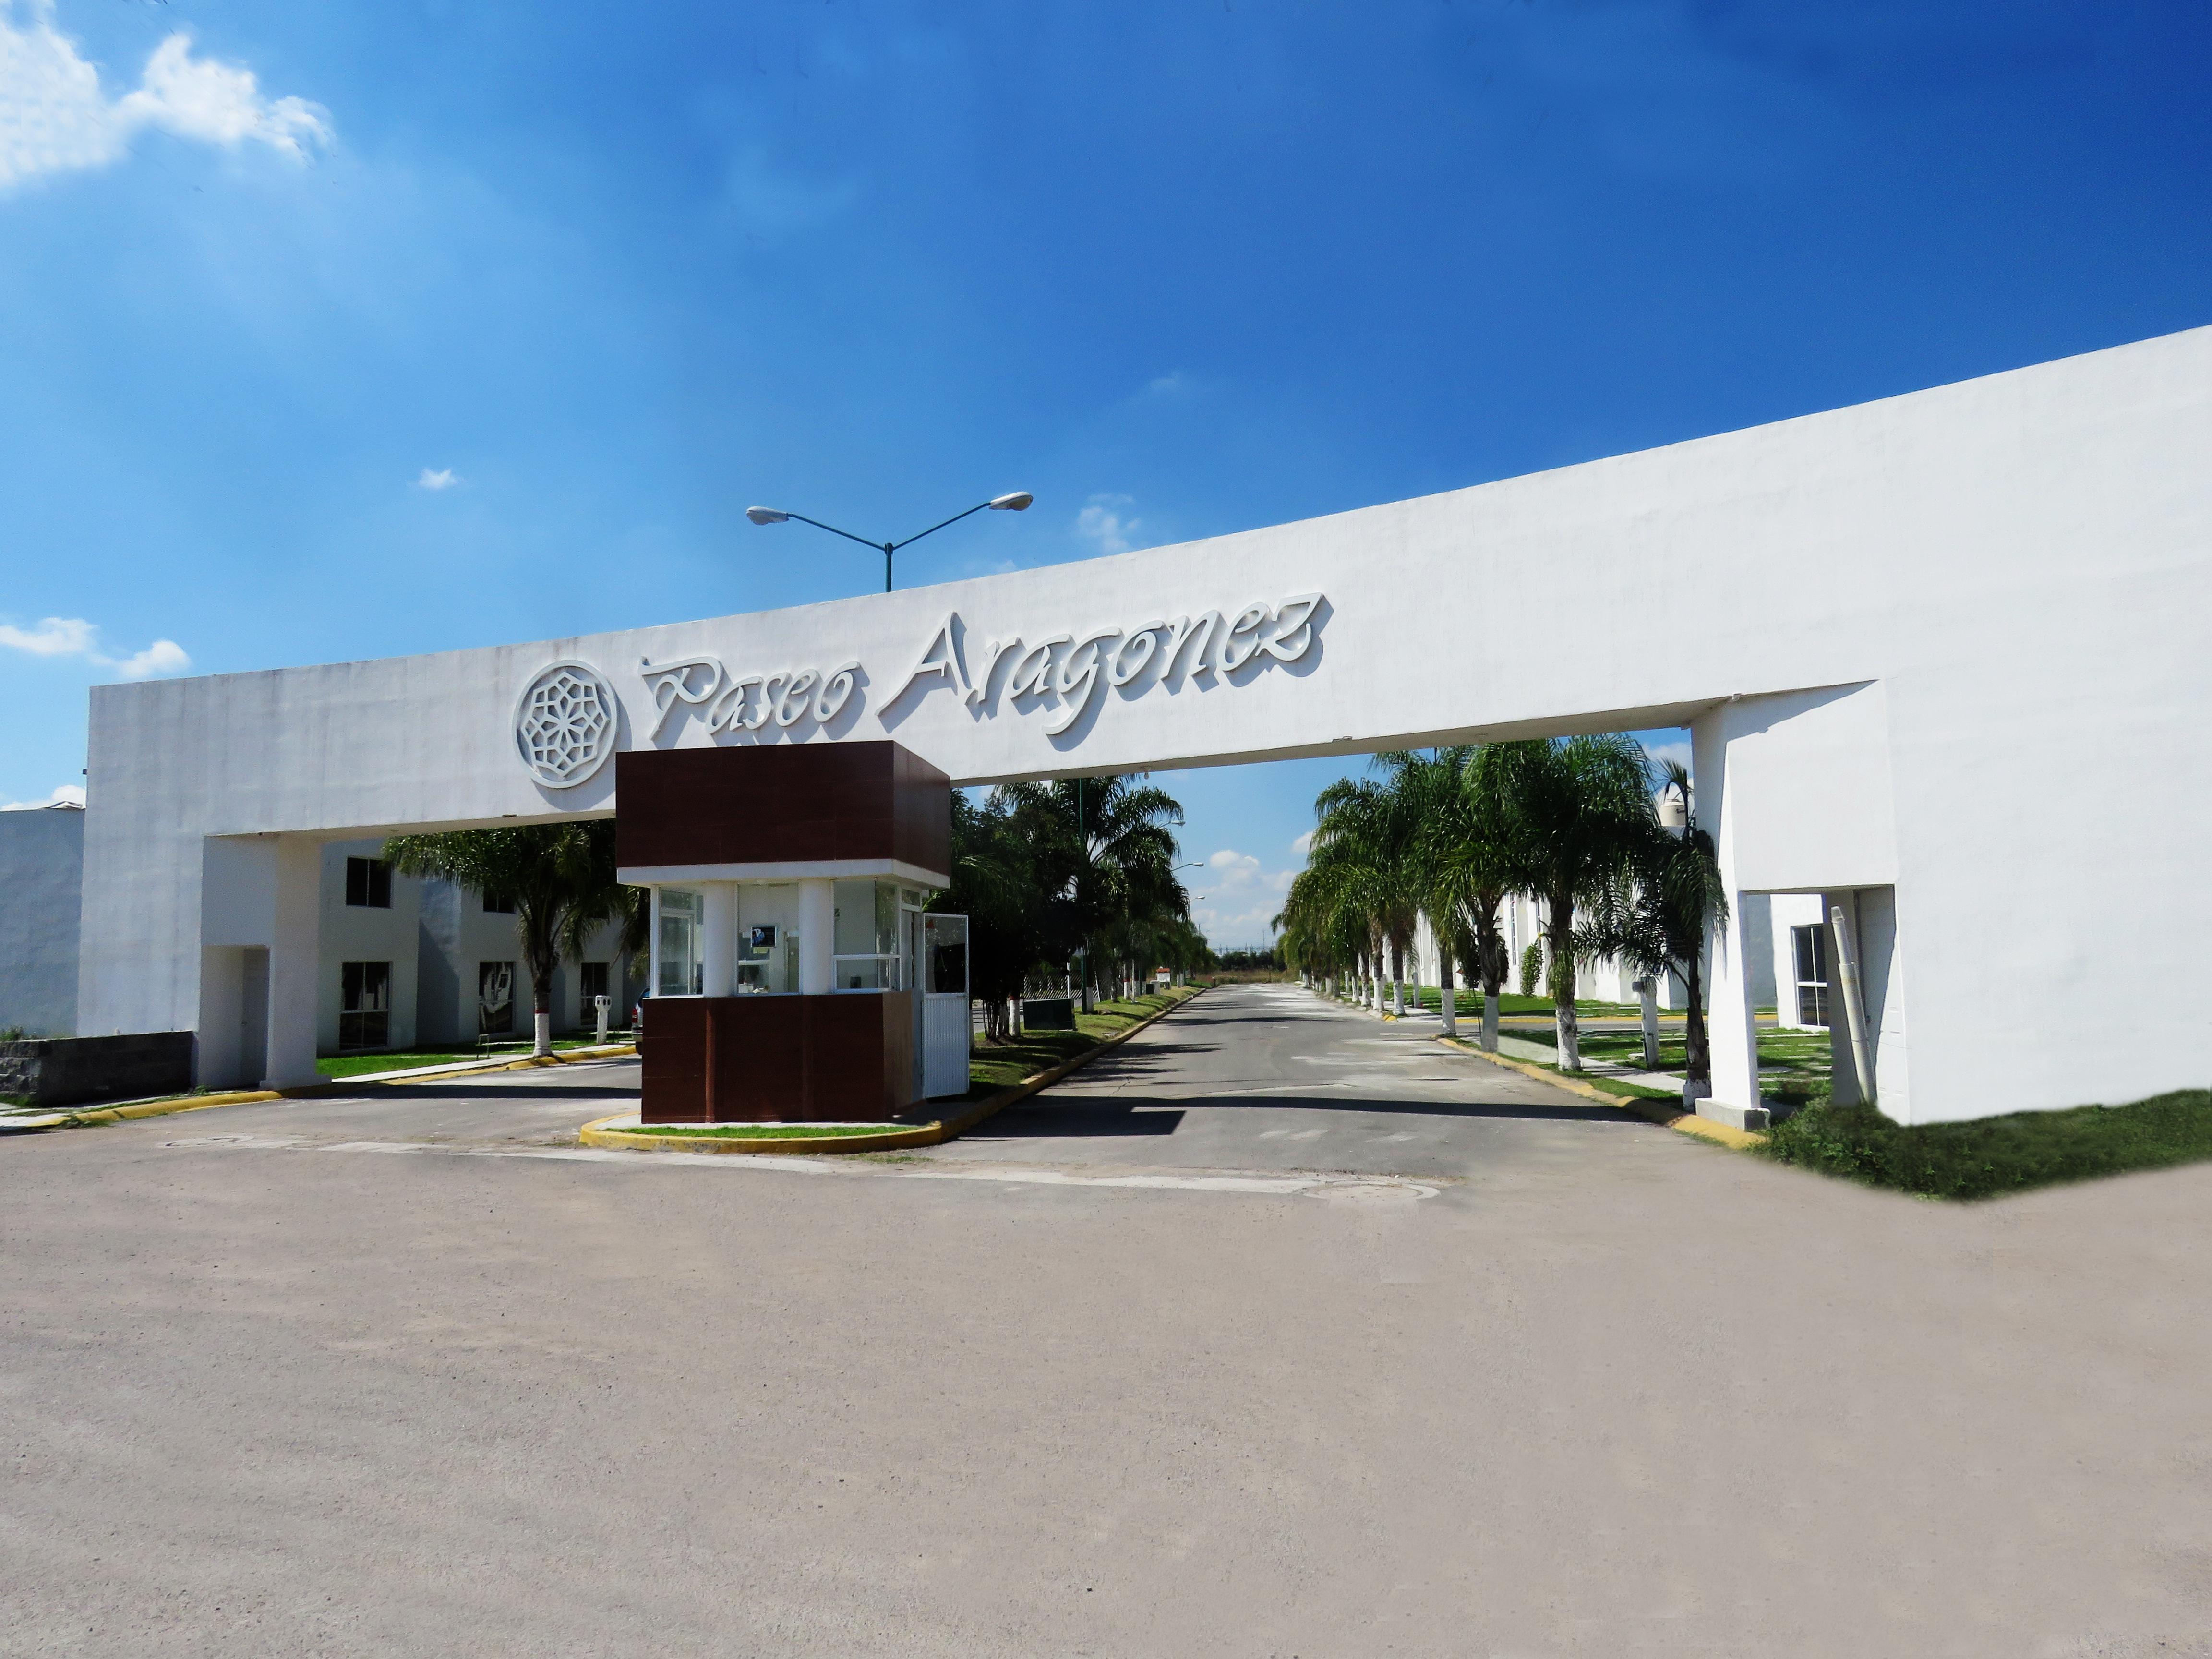 Control de acceso - Villa Aragonez